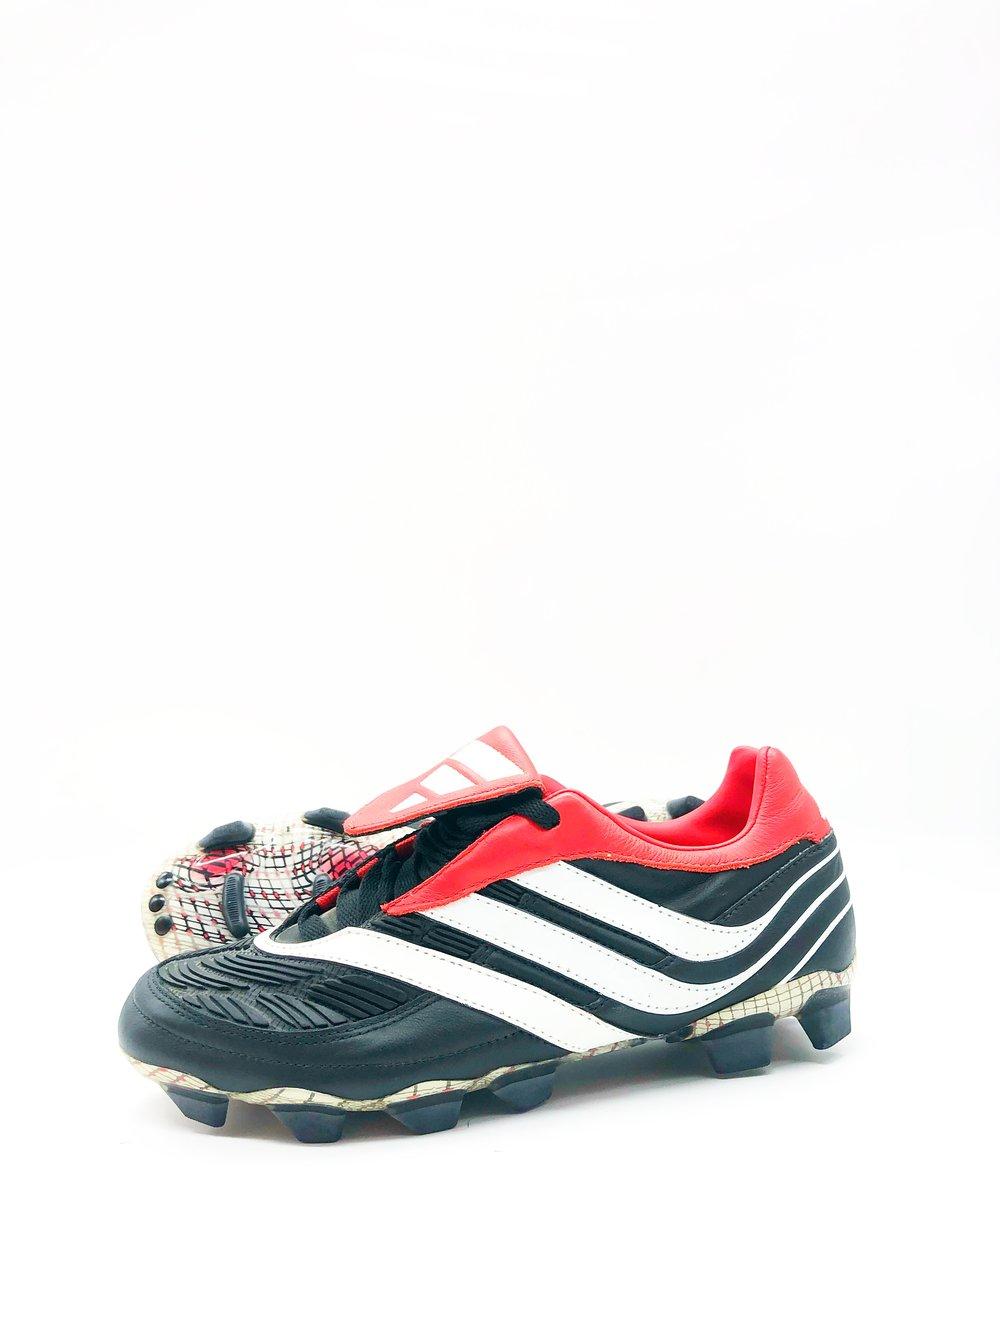 Image of Adidas Karnivor FG